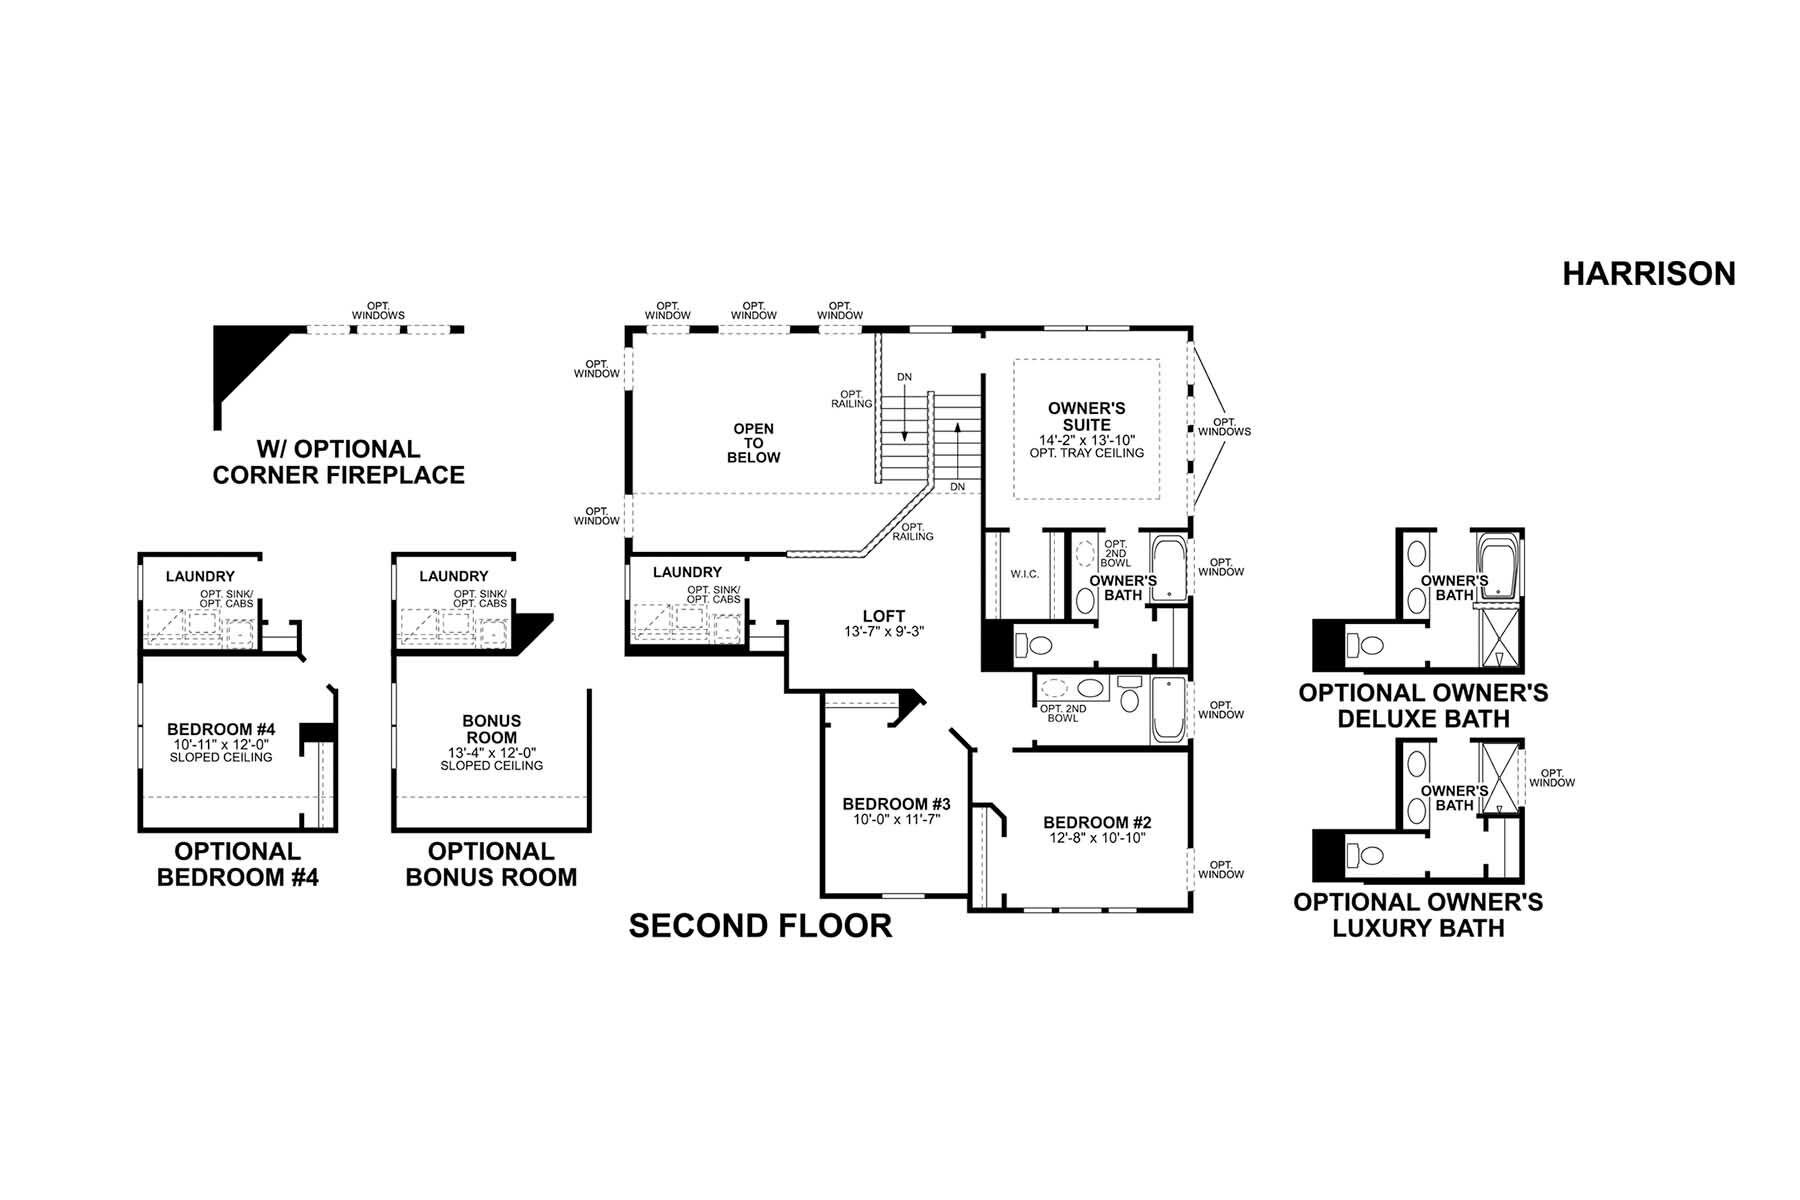 Harrison Second Floor